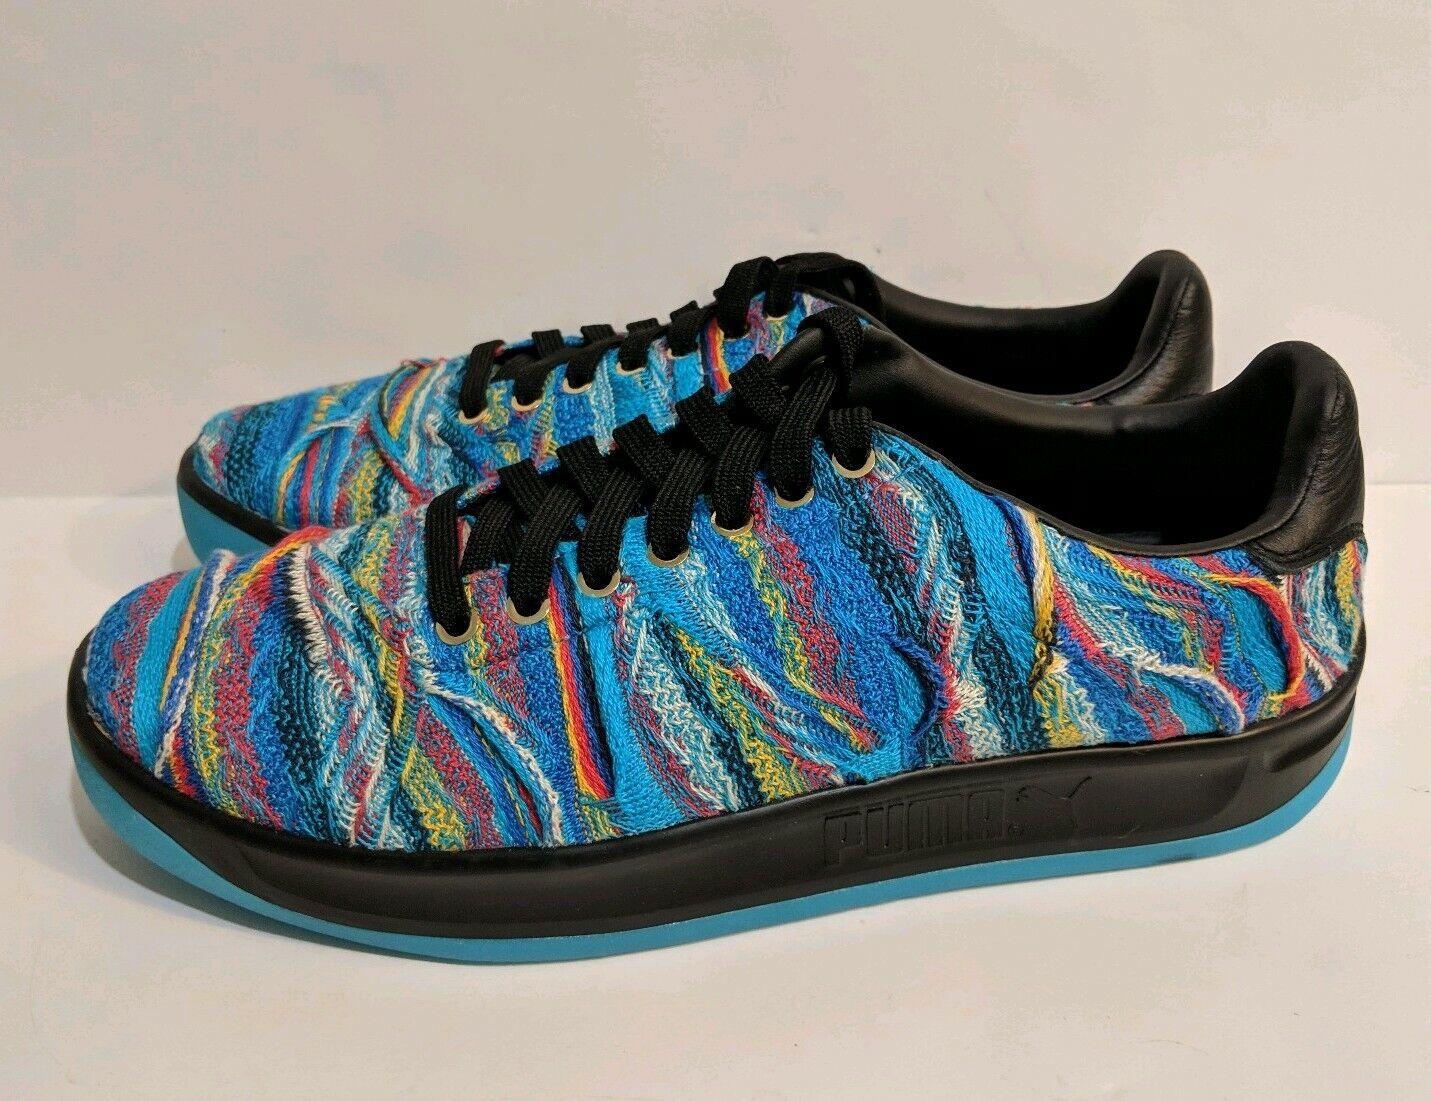 Puma California Coogi Multi Men's shoes bluee Atoll Puma Black Size 10 367973-01